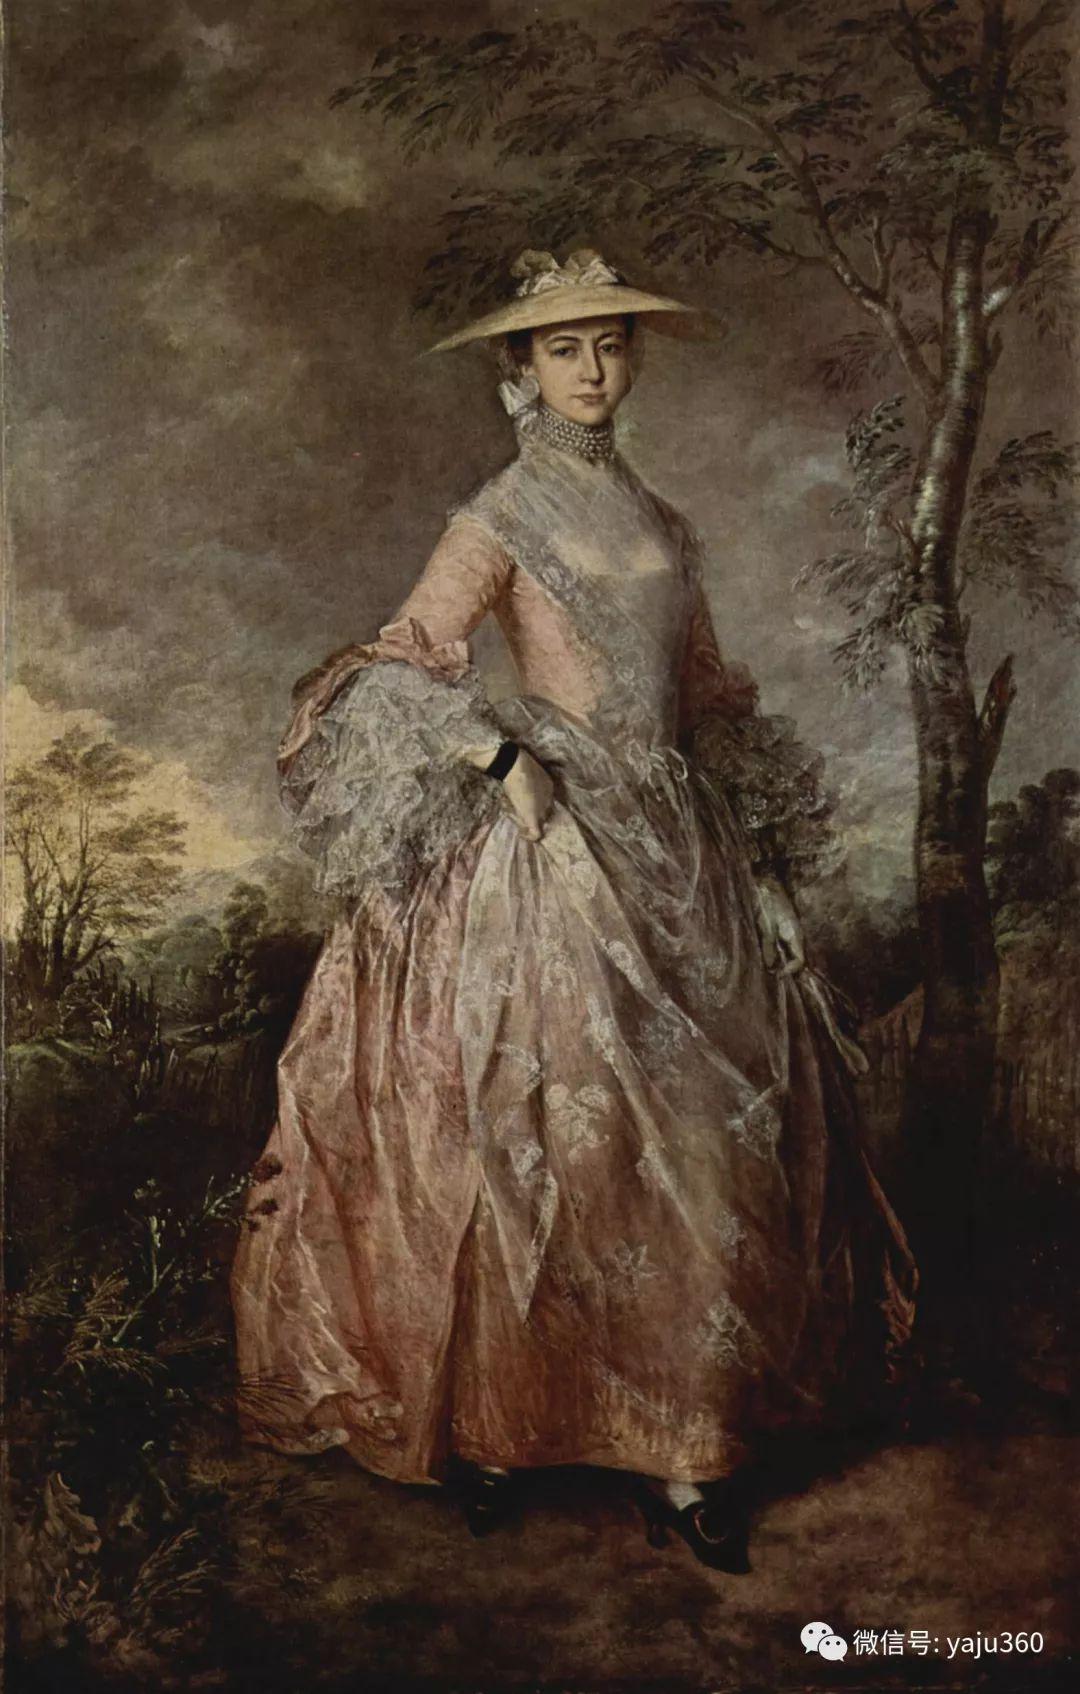 最早描绘英国乡村风景的画家 庚斯博罗插图59